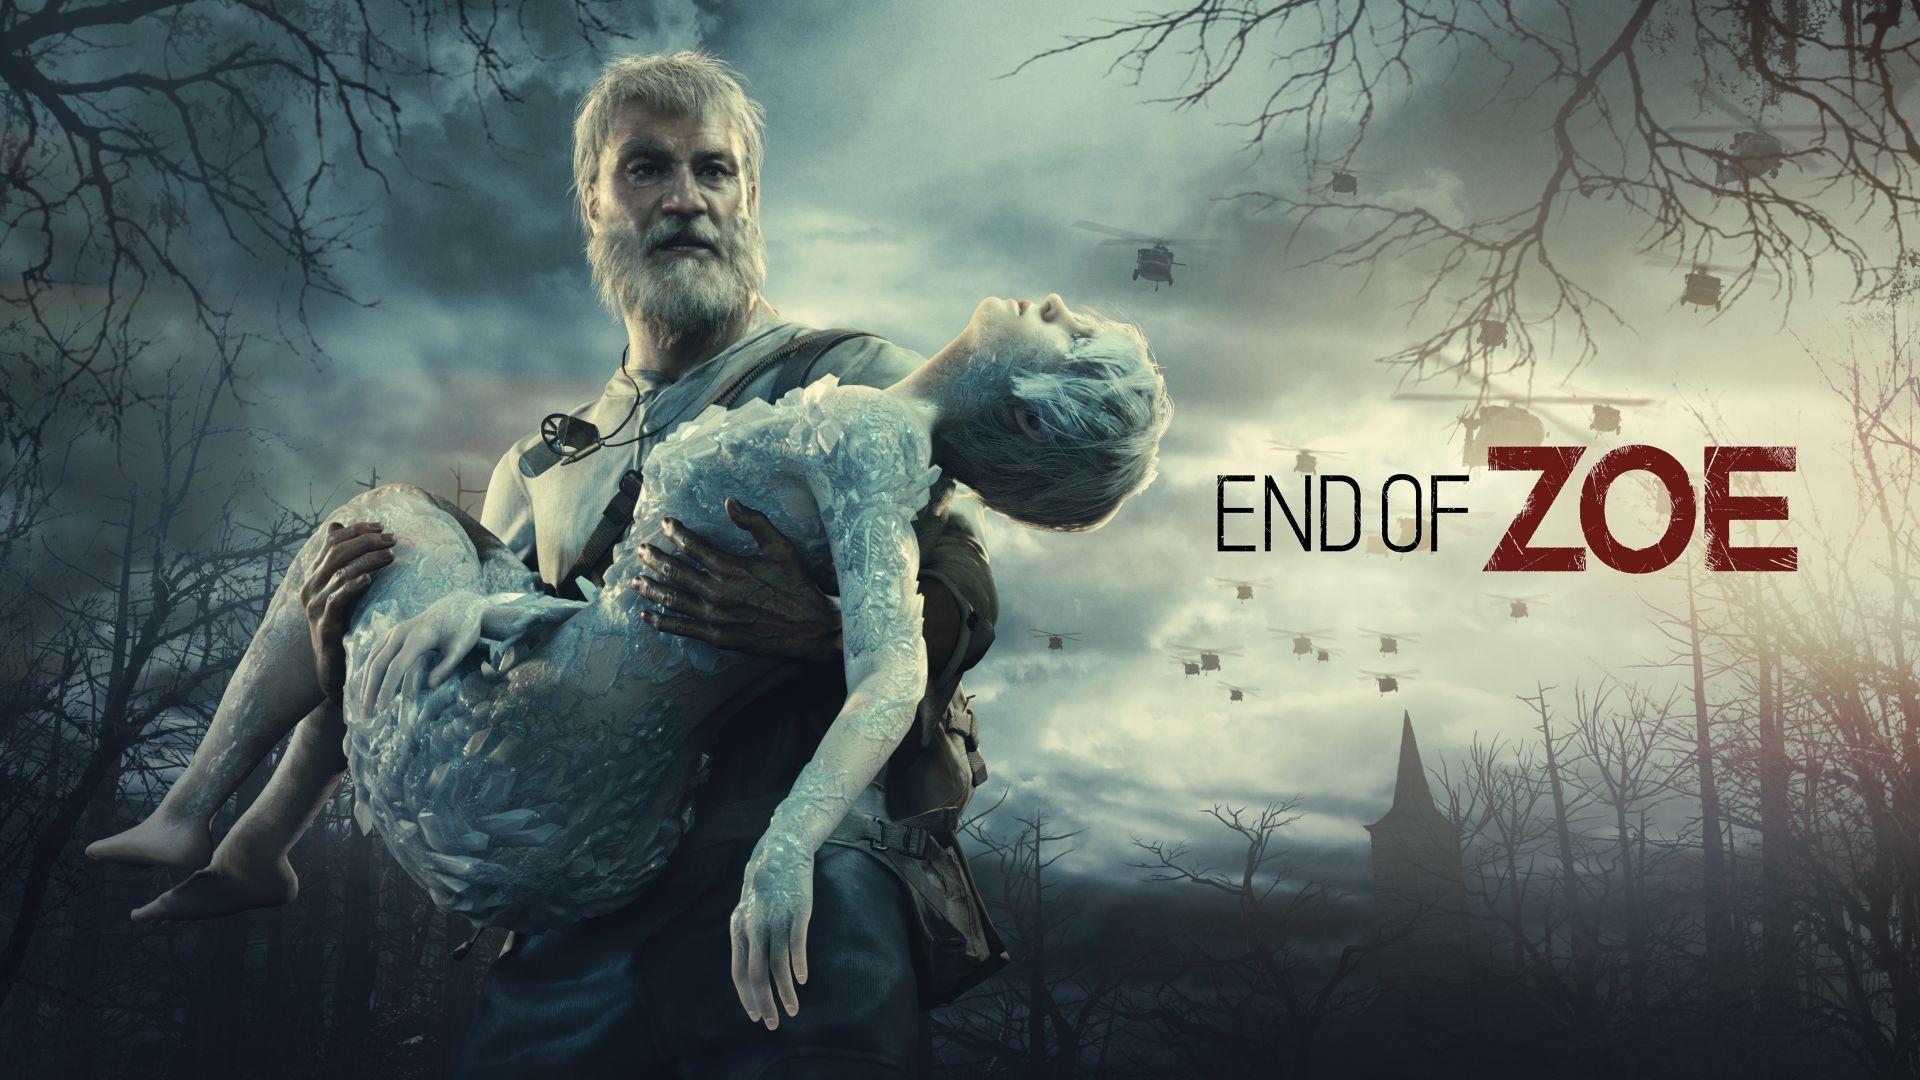 Вышел новый трейлер DLC End of Zoe для Resident Evil 7